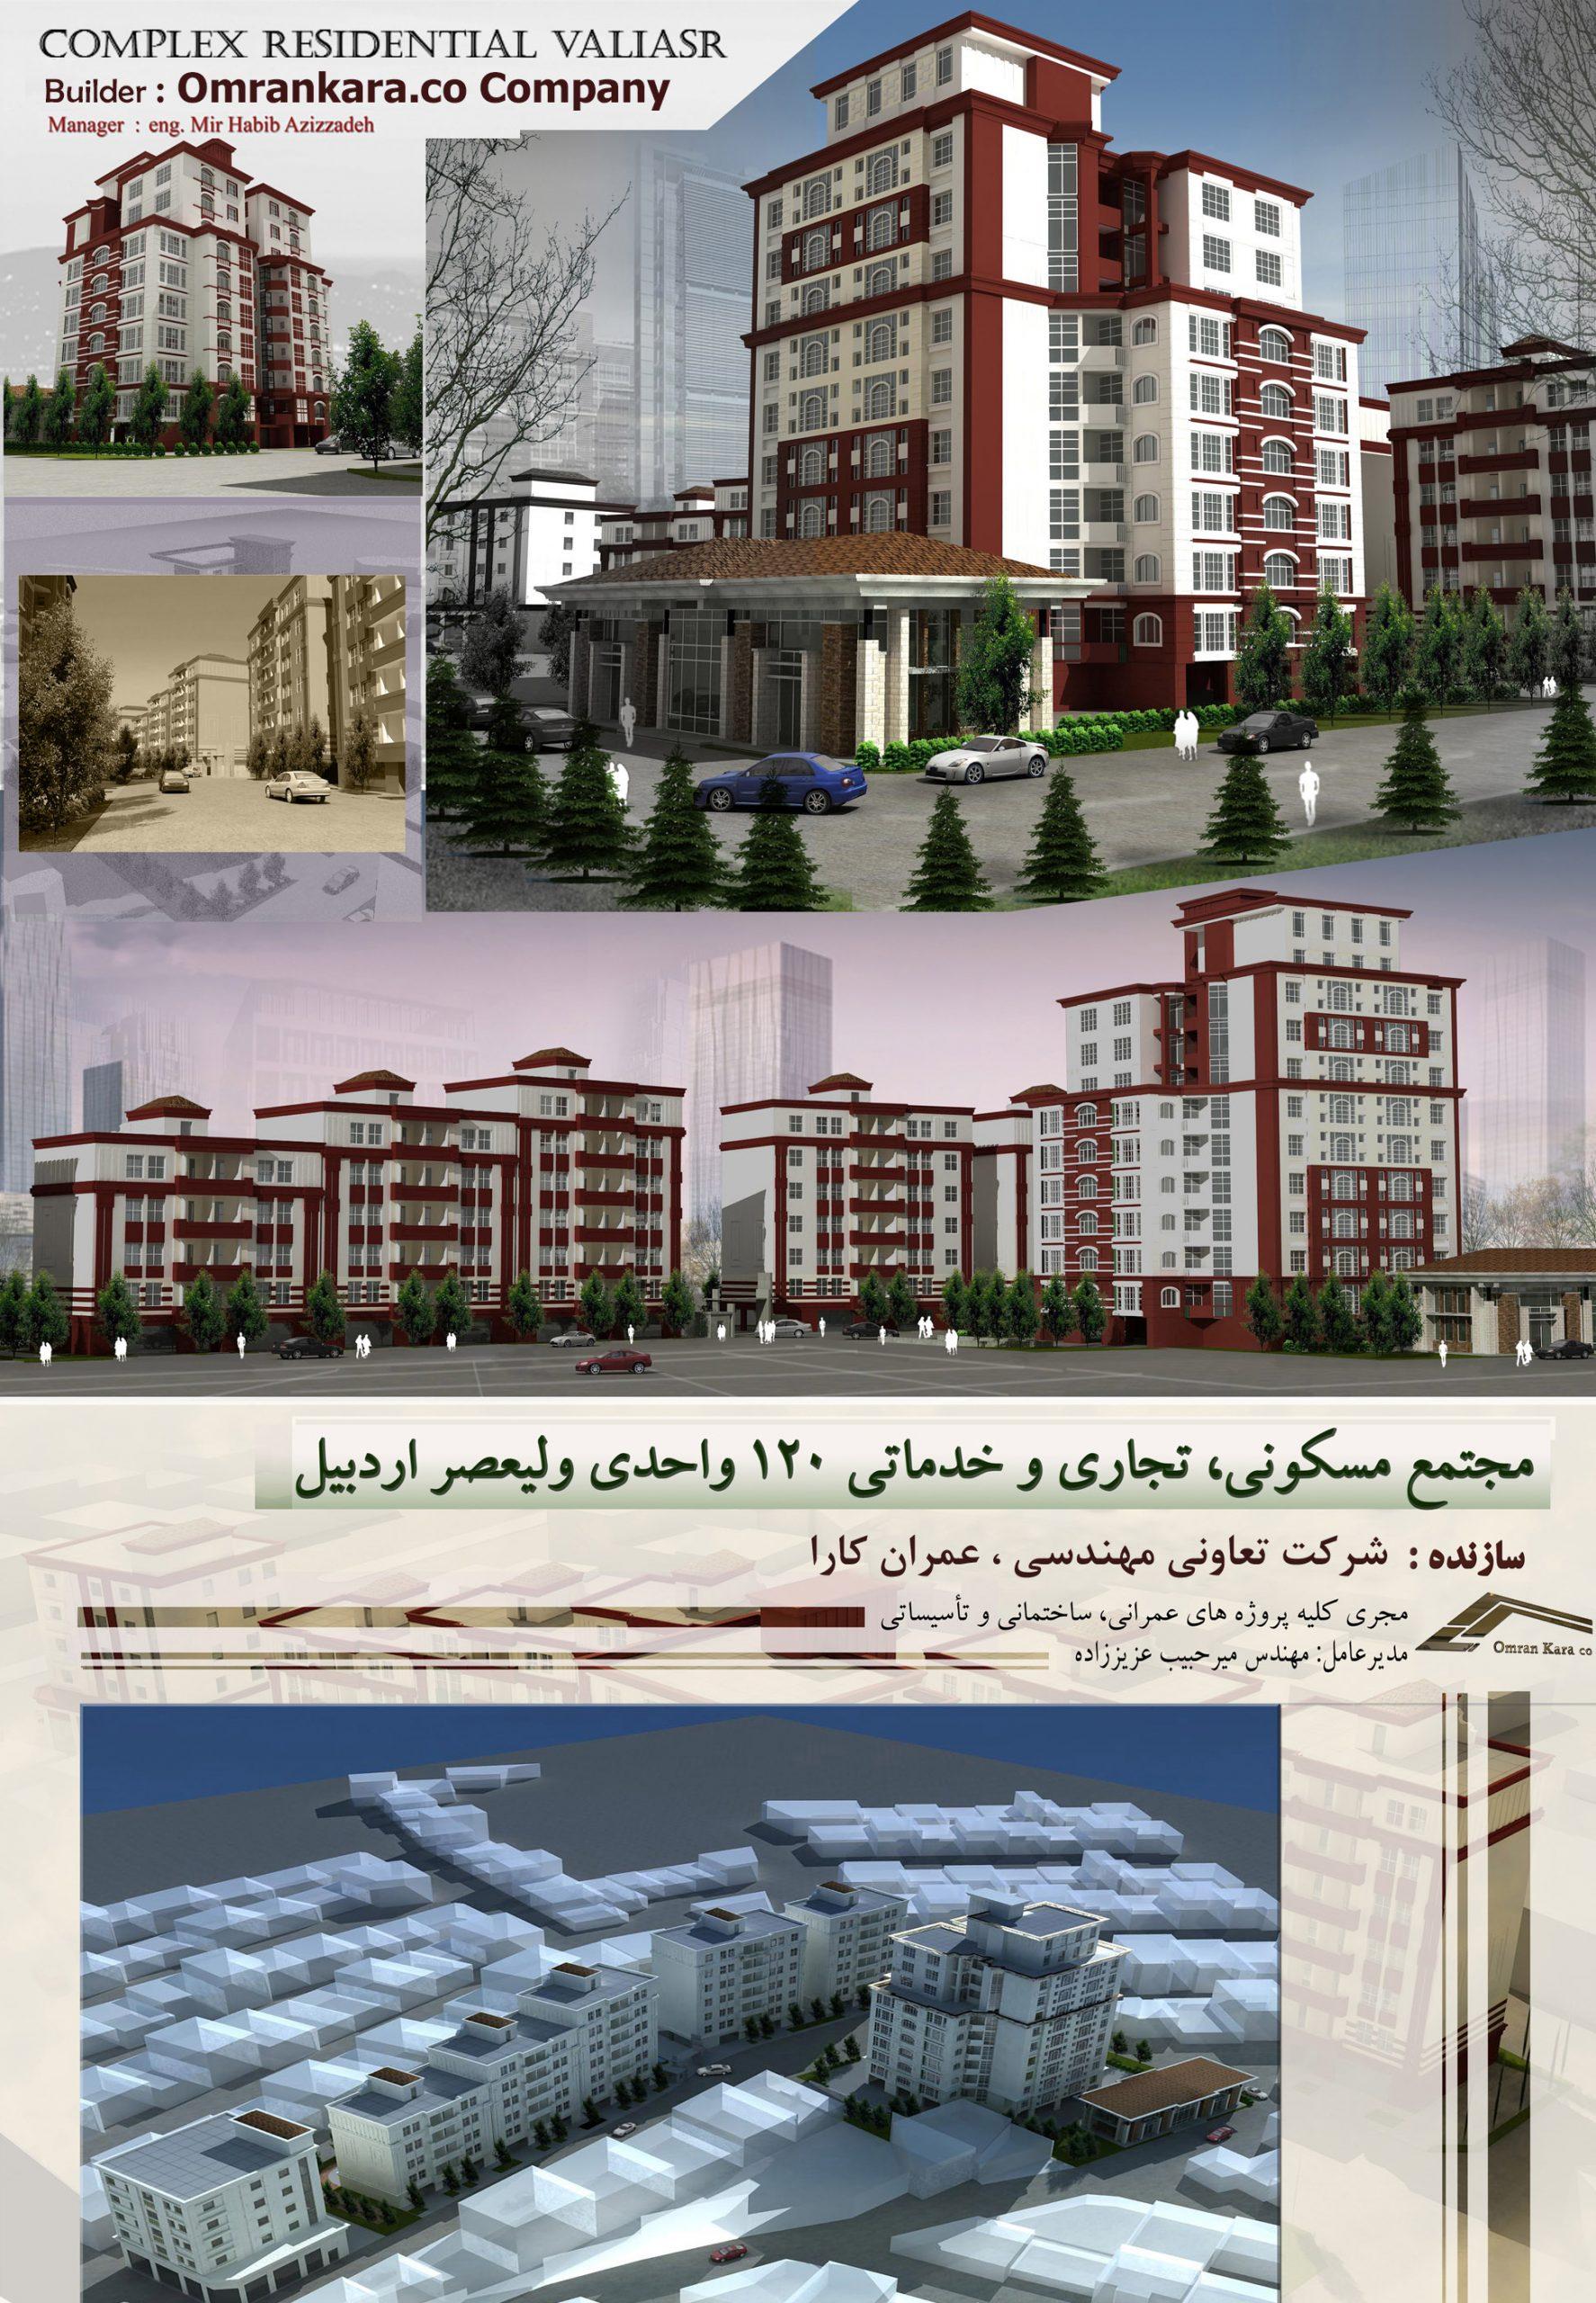 مجتمع  مسکونی 120 واحدی ولیعصر اردبیل